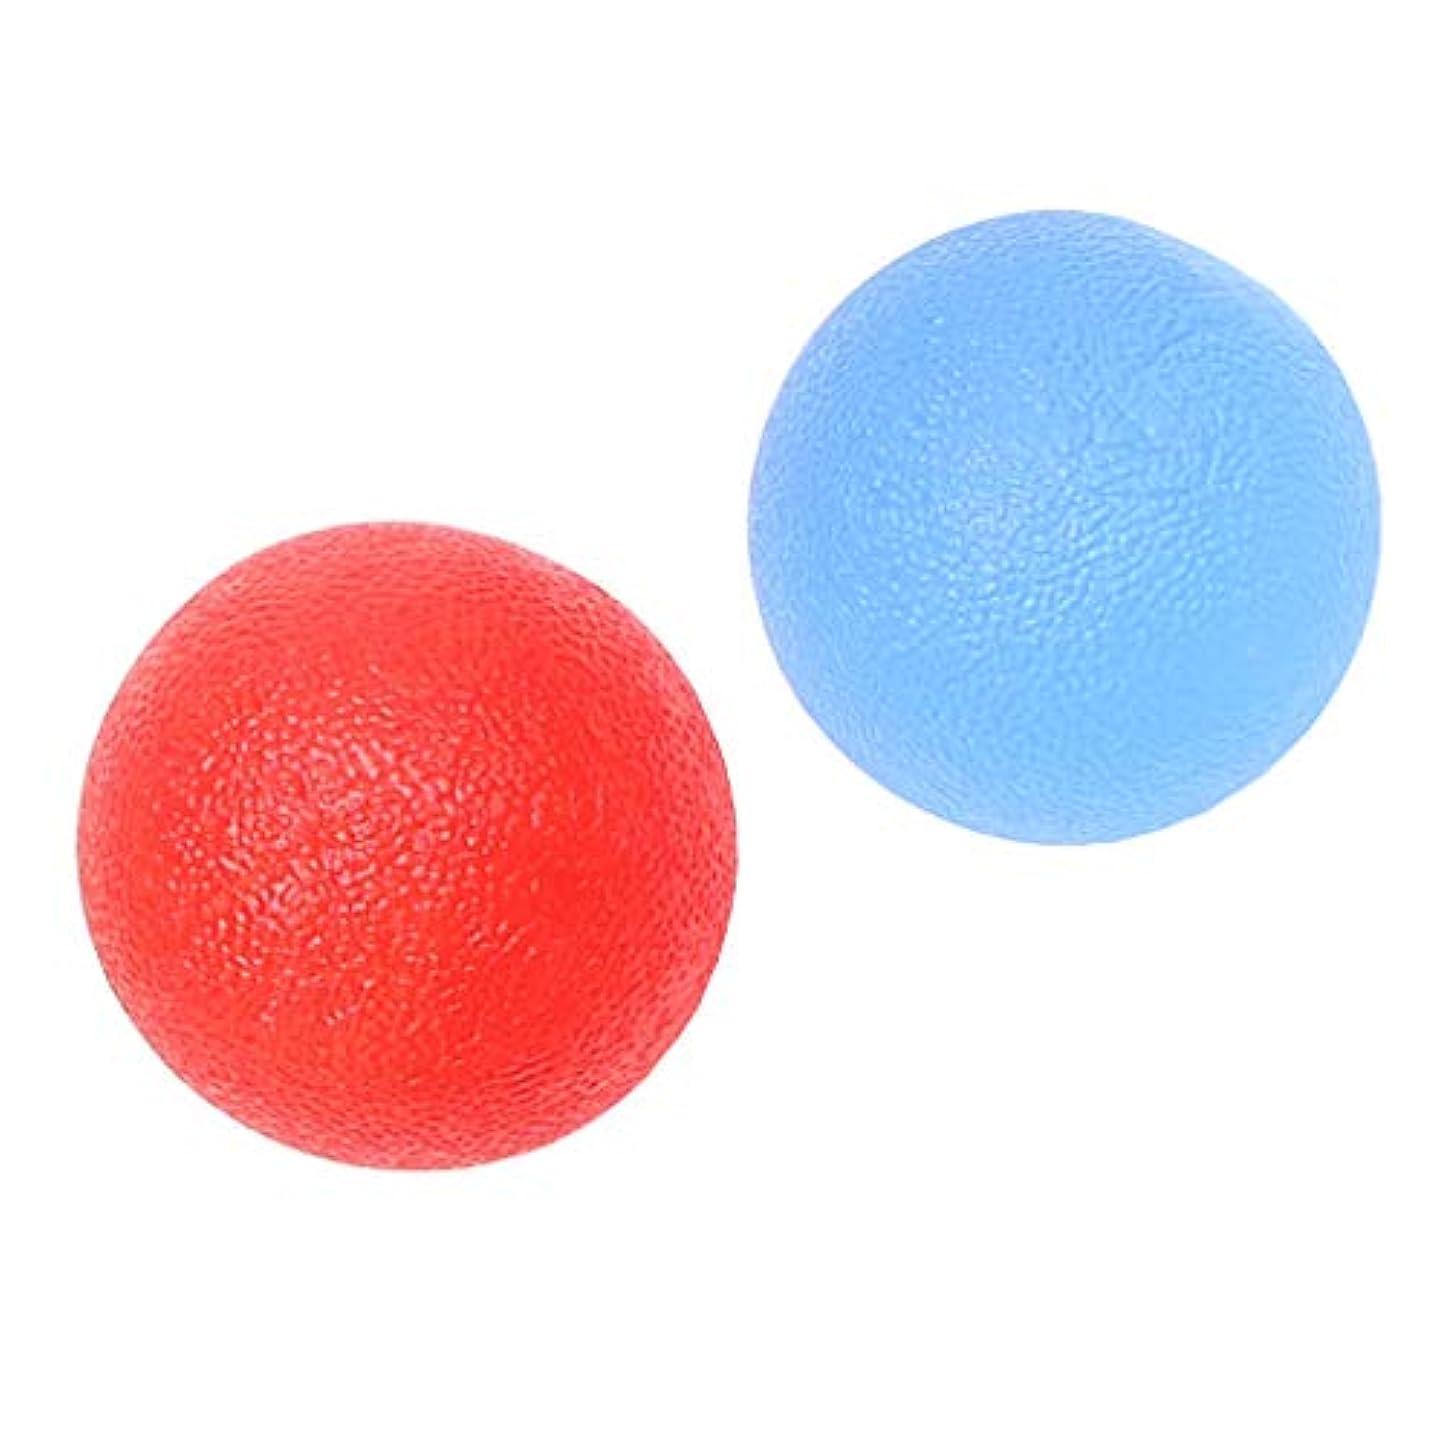 剛性かけがえのない直接2個 ハンドエクササイズボール ハンドグリップ シリコン 指トレーニング ストレス緩和 柔軟 赤/青